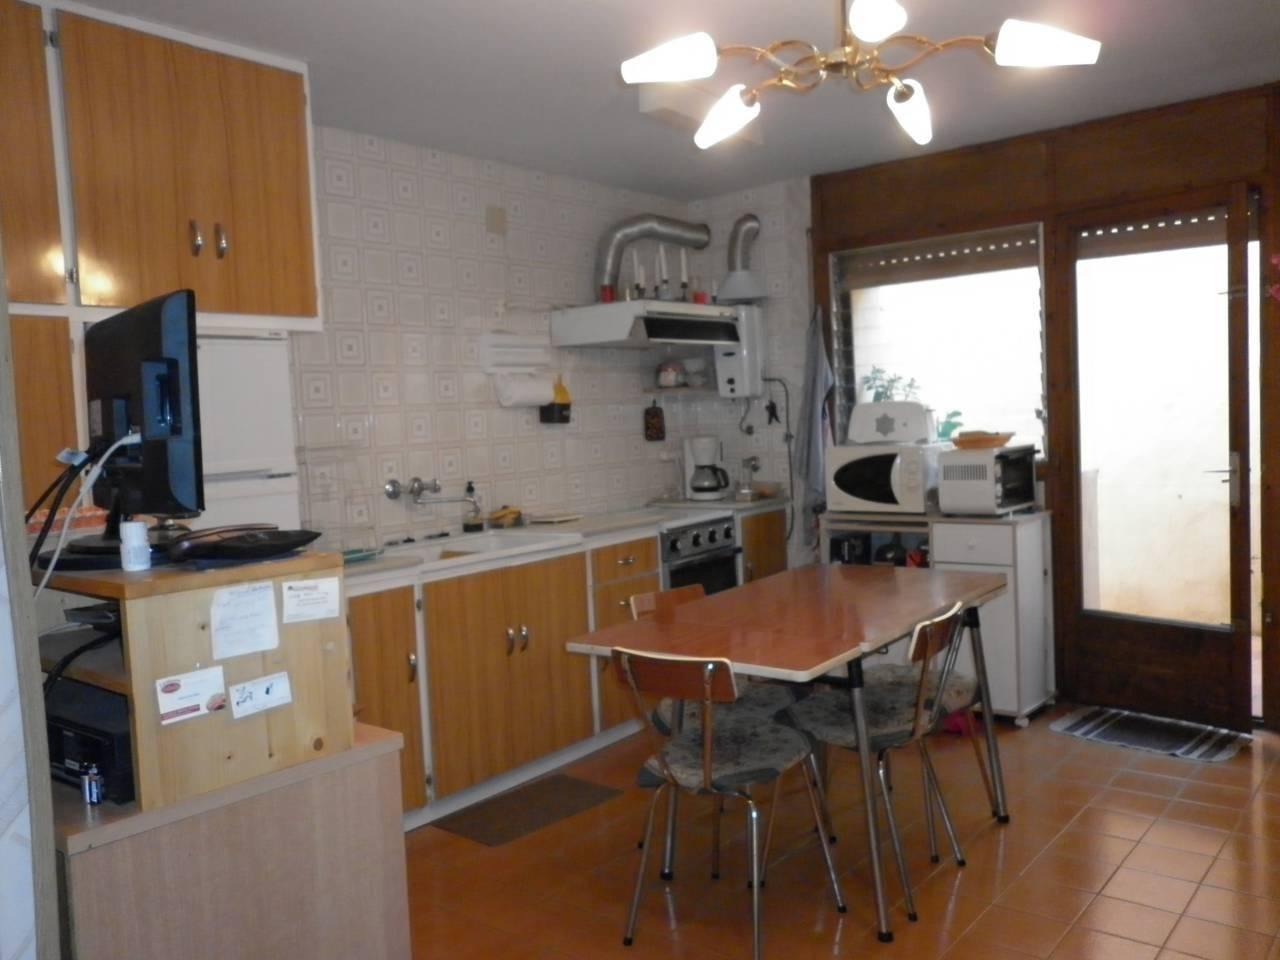 Casa  Calle jaume i. Casa adosada en venta, consta de 2 pisos independientes de 2 hab